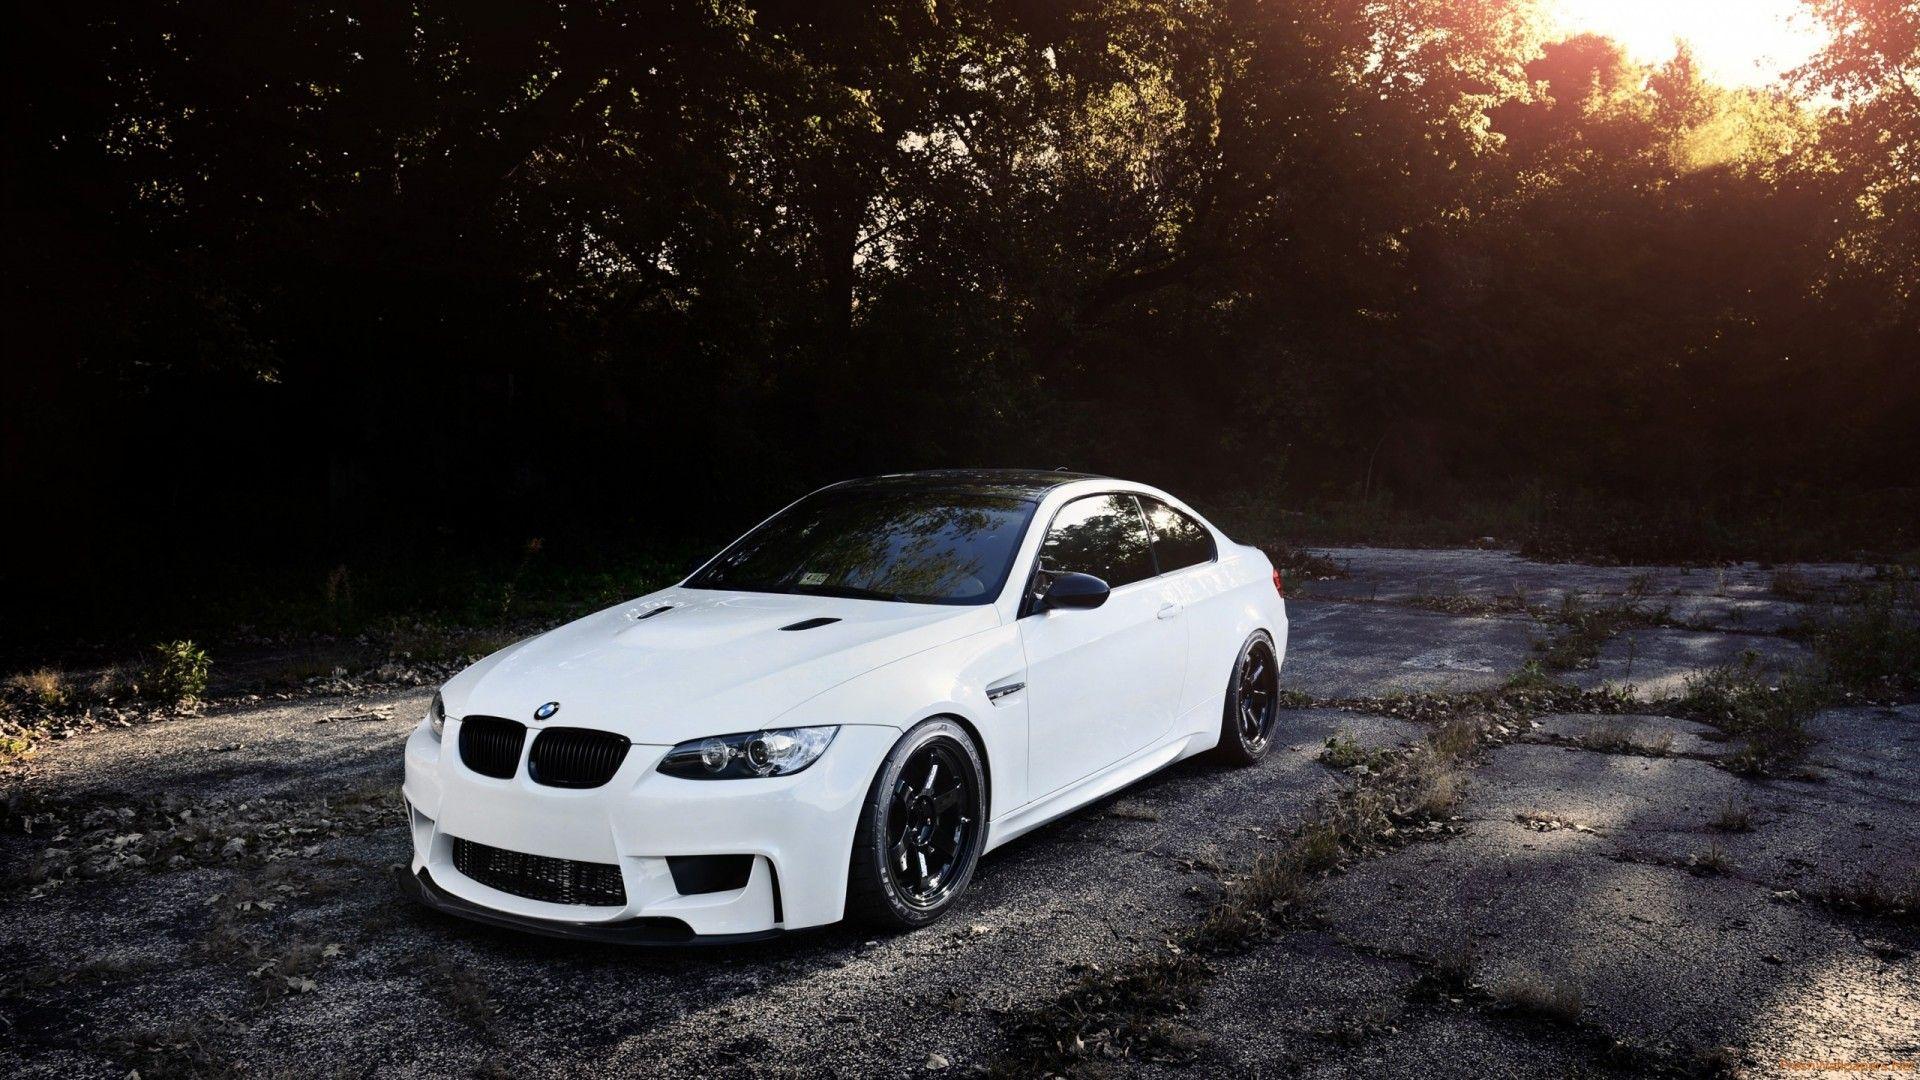 BMW M3 Wallpaper 21